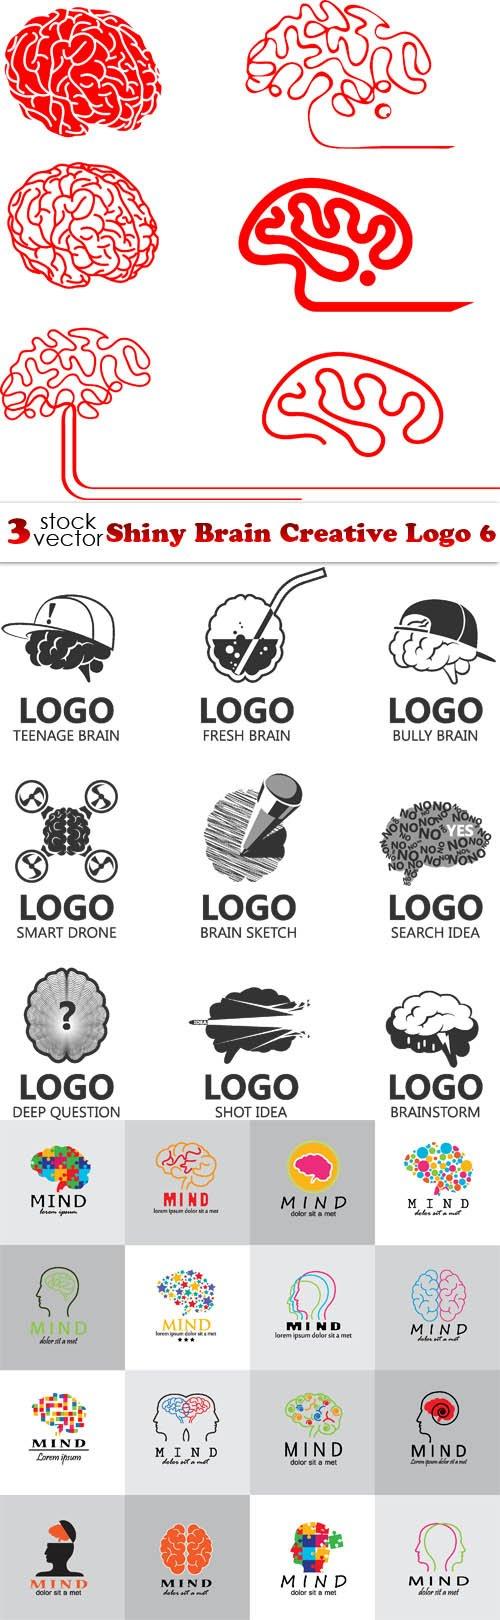 Vectors - Shiny Brain Creative Logo 6